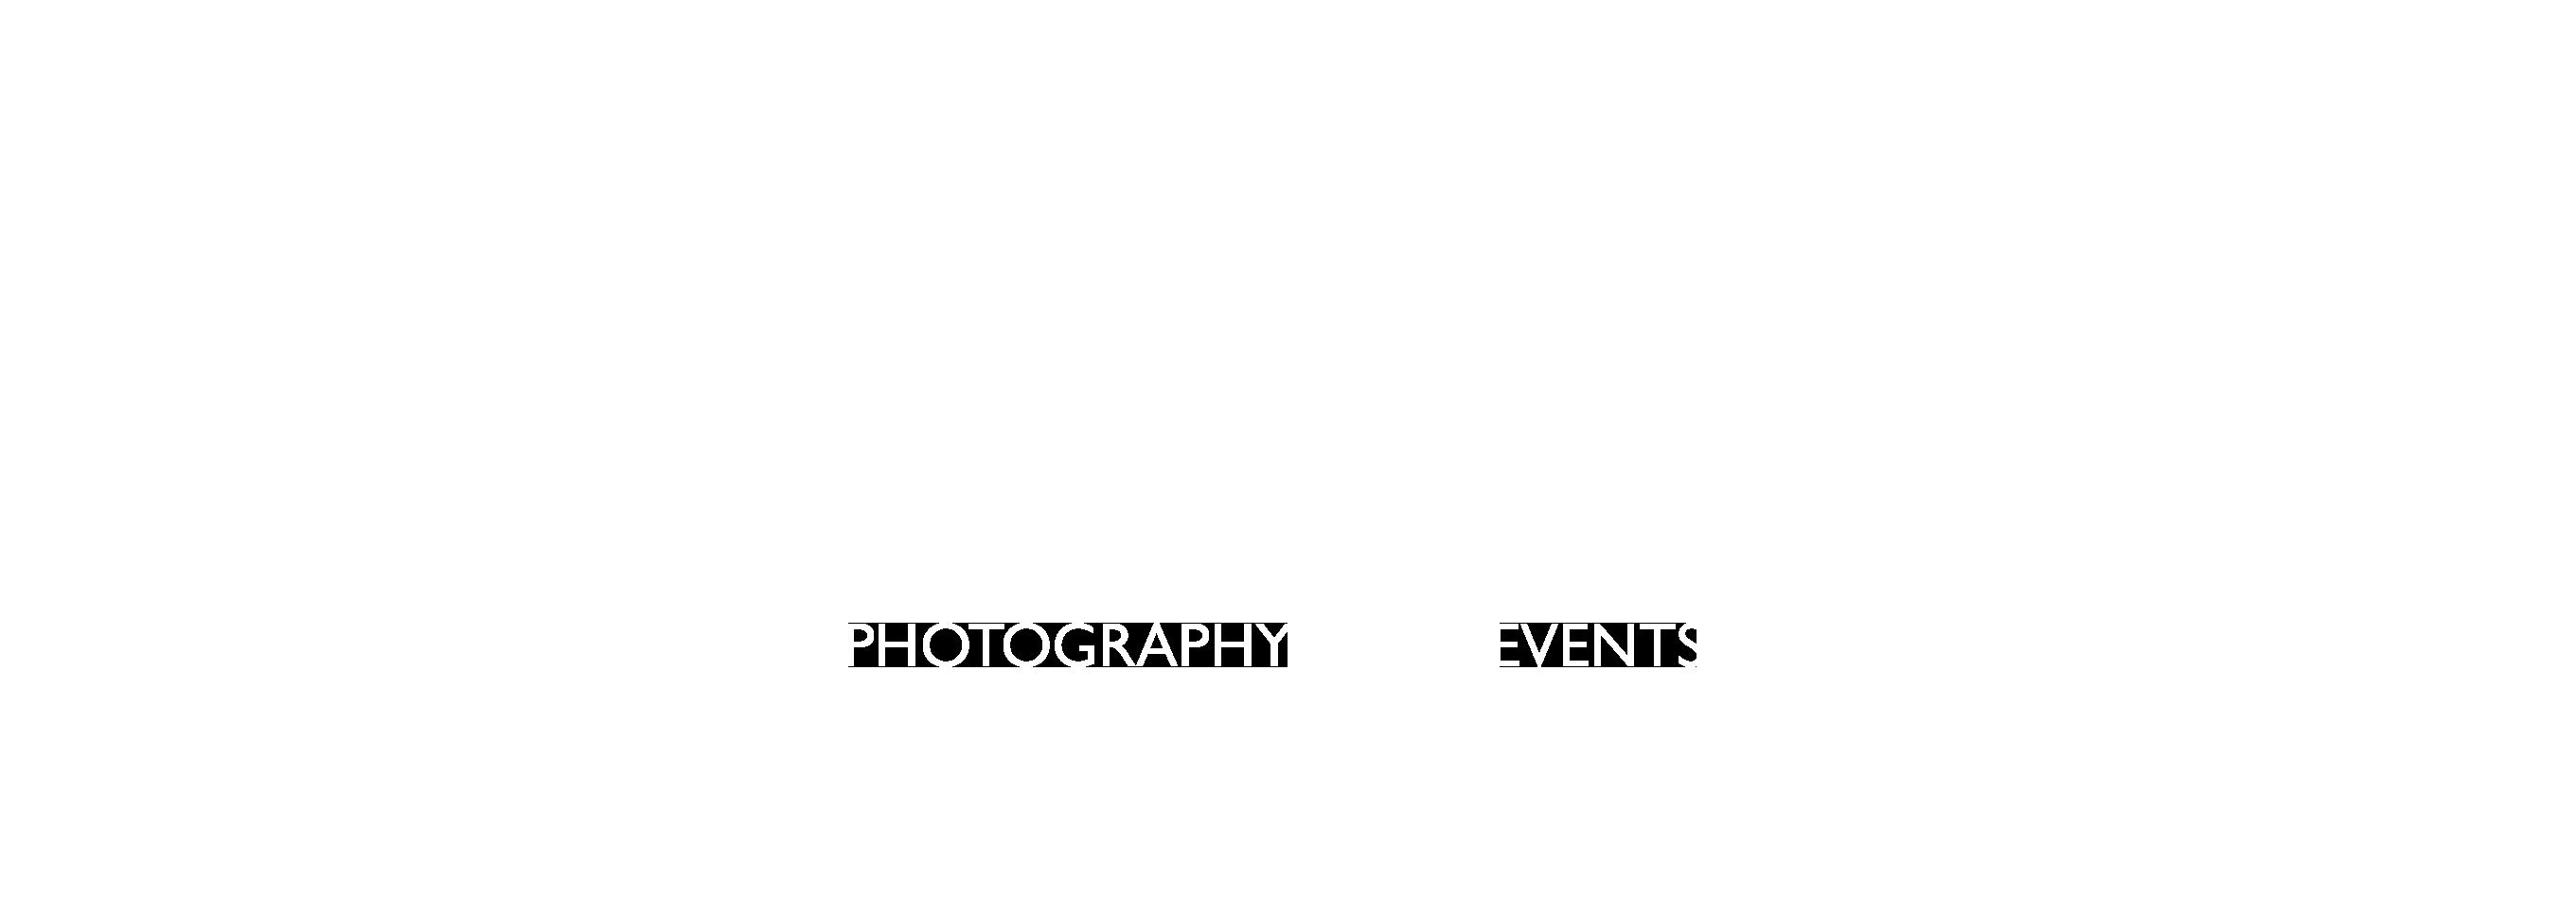 Alma Cerretta Photography and Events